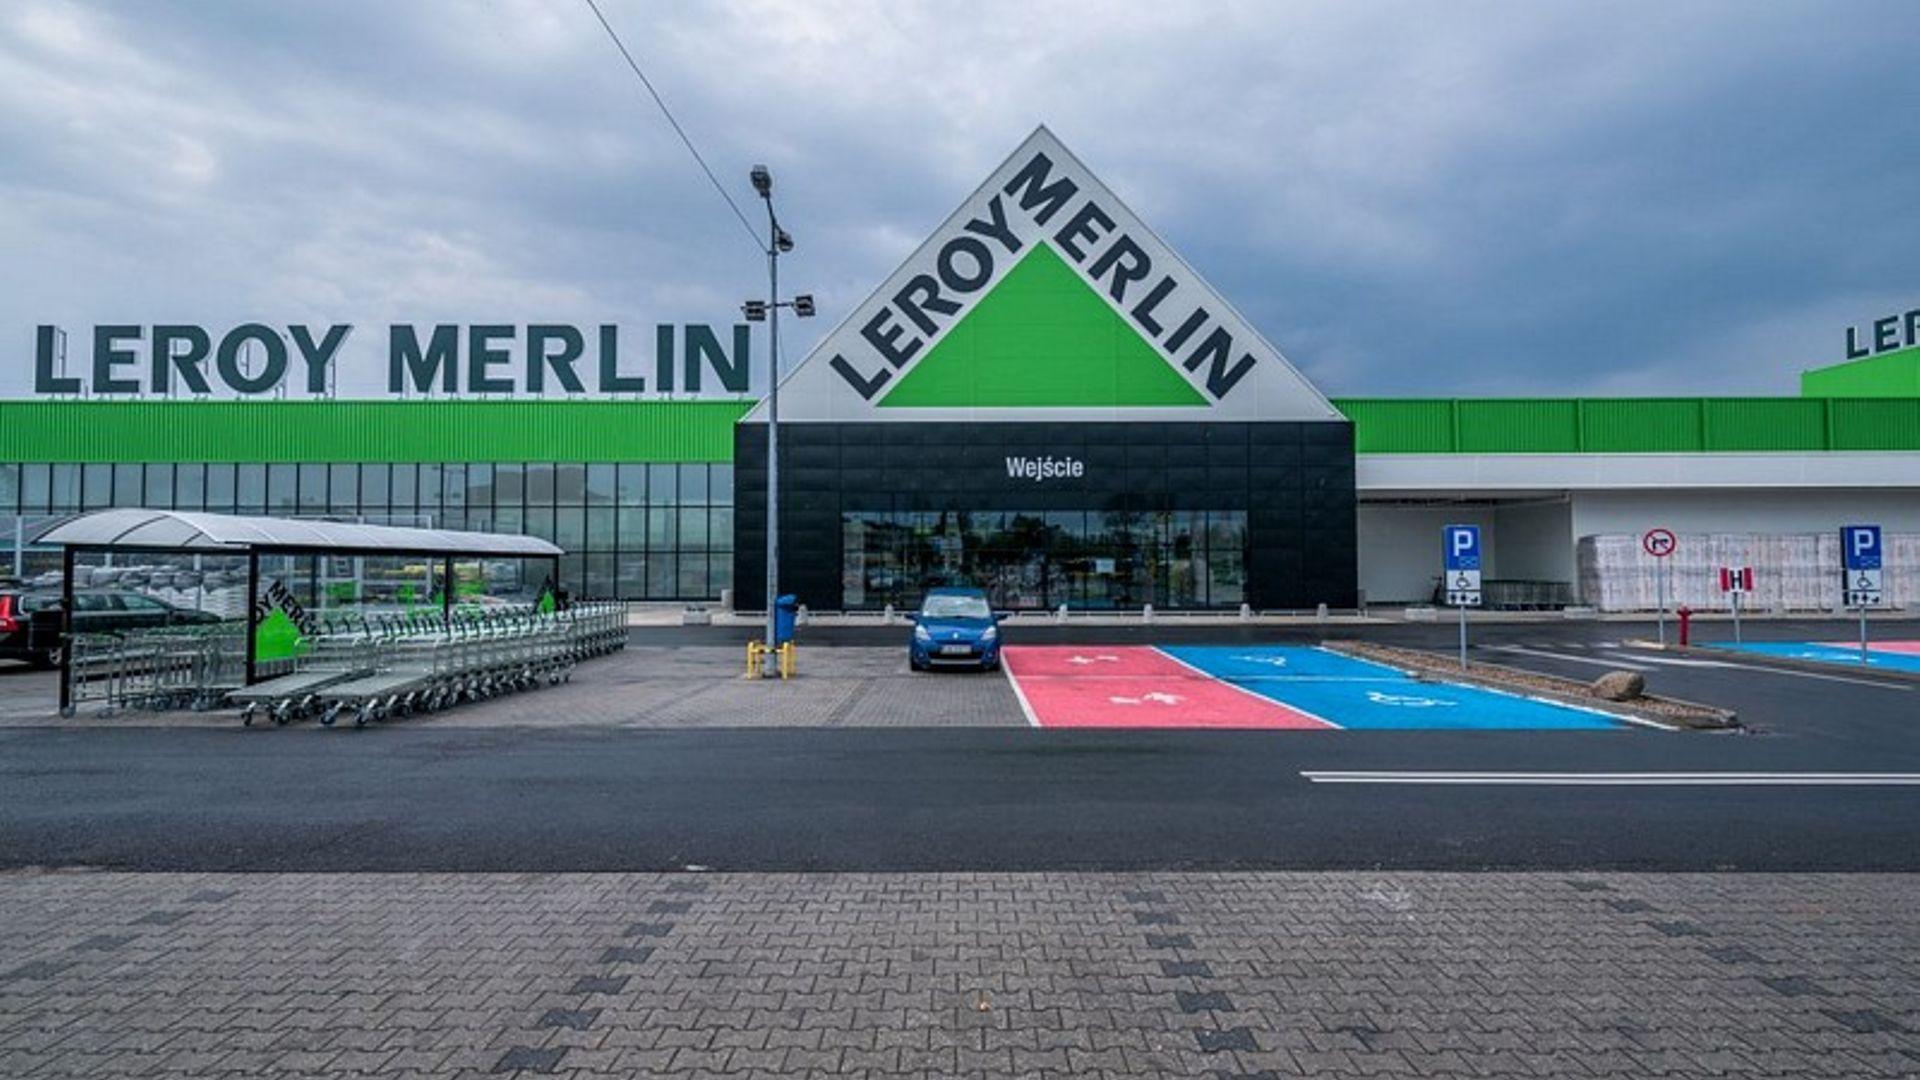 W Piatek Otwarcie Nowego Sklepu Leroy Merlin Foto Wroclaw Investmap Pl